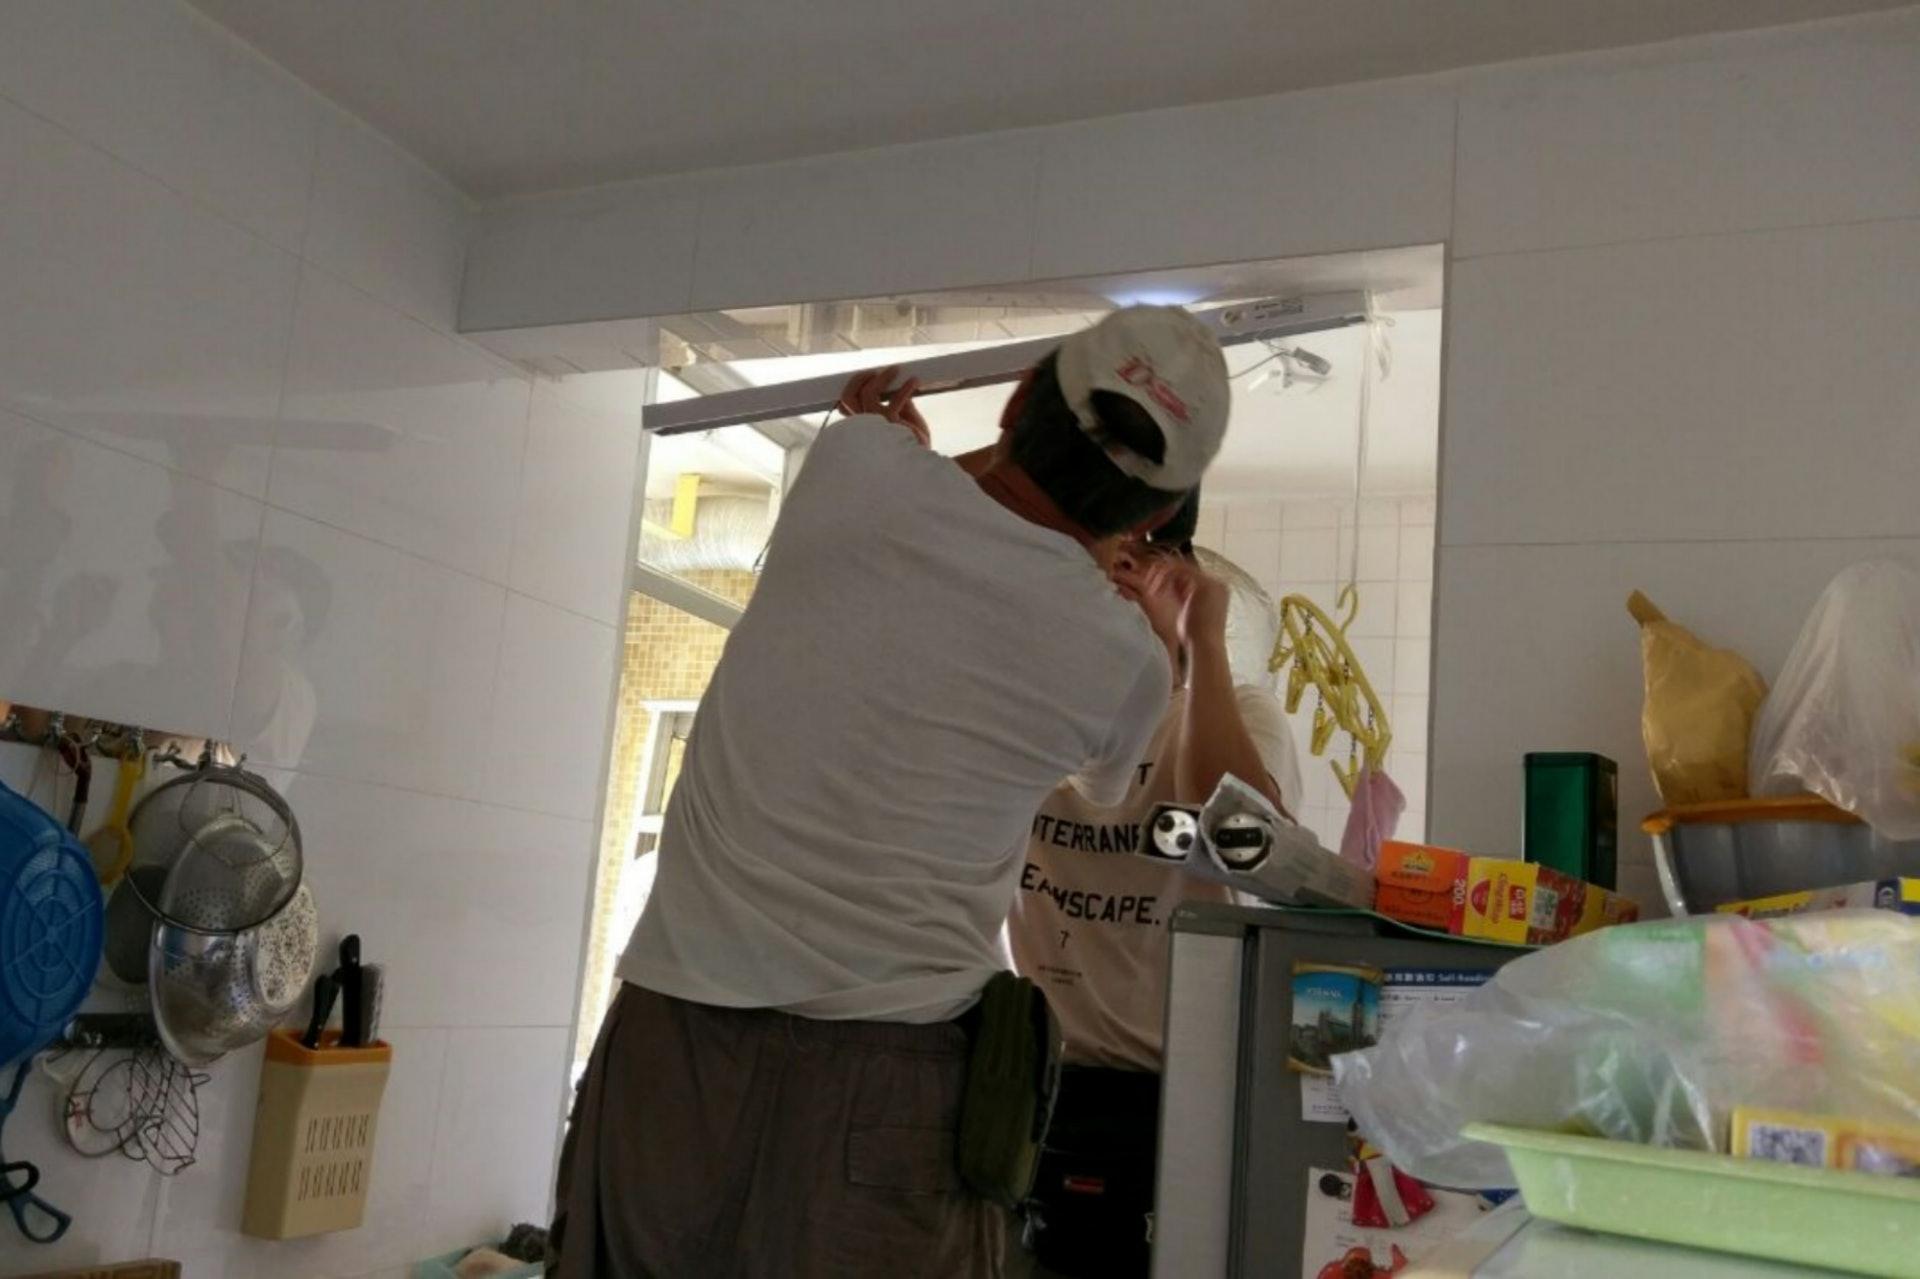 「復修冰室」師傅為吳婆婆更換廚房光管底座後,廚房變得光猛,婆婆亦不用再冒煮飯時受傷的風險。(尹蔚瑩攝)